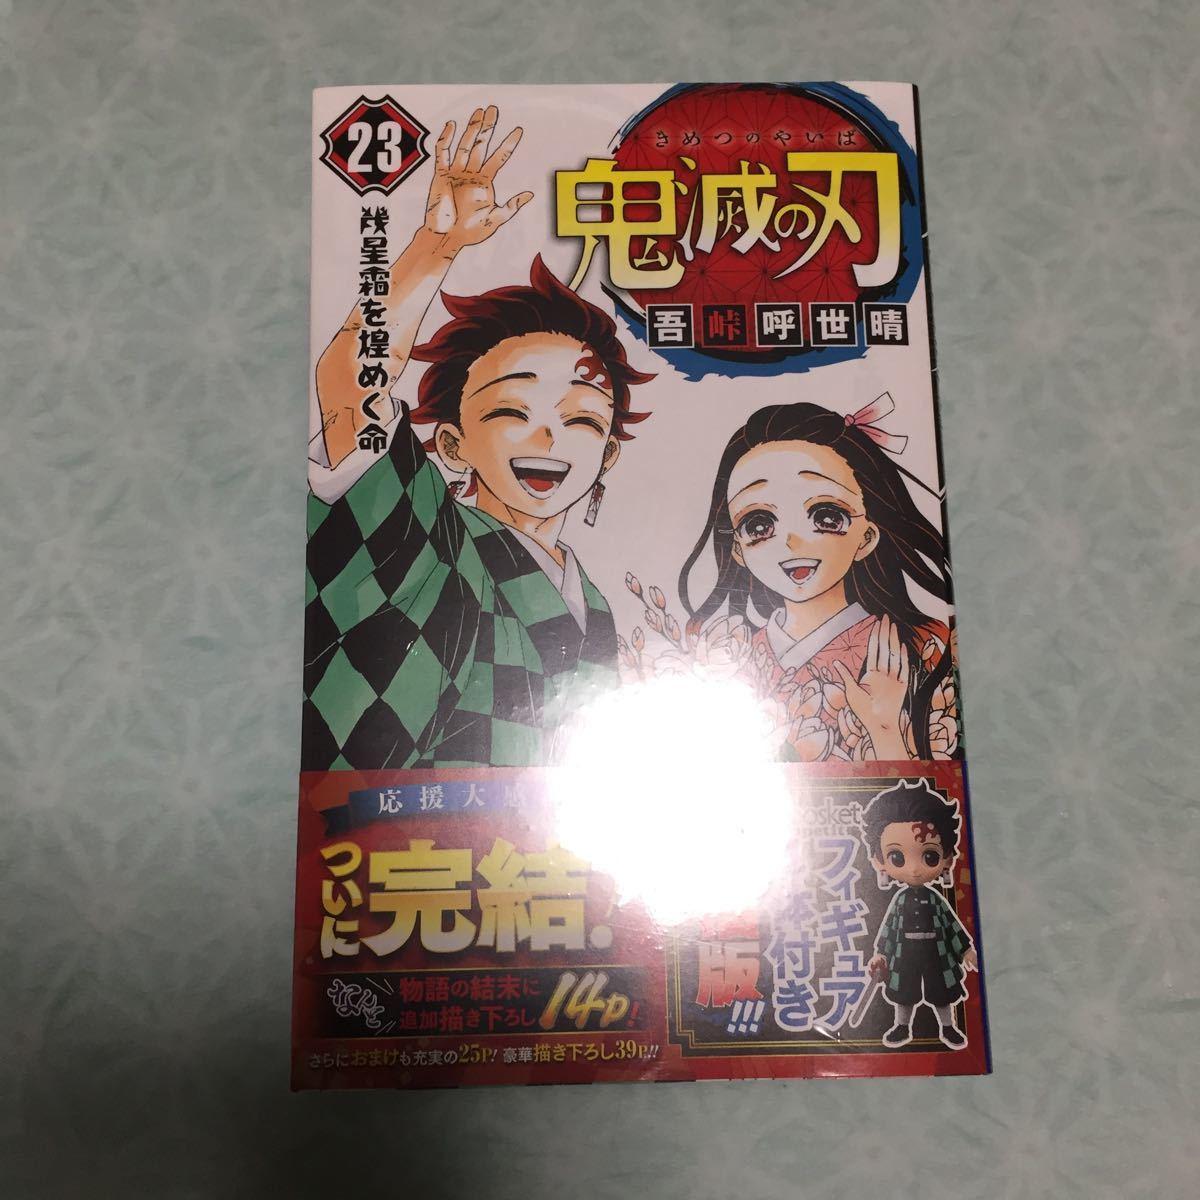 鬼滅の刃 23巻 +フィギュア